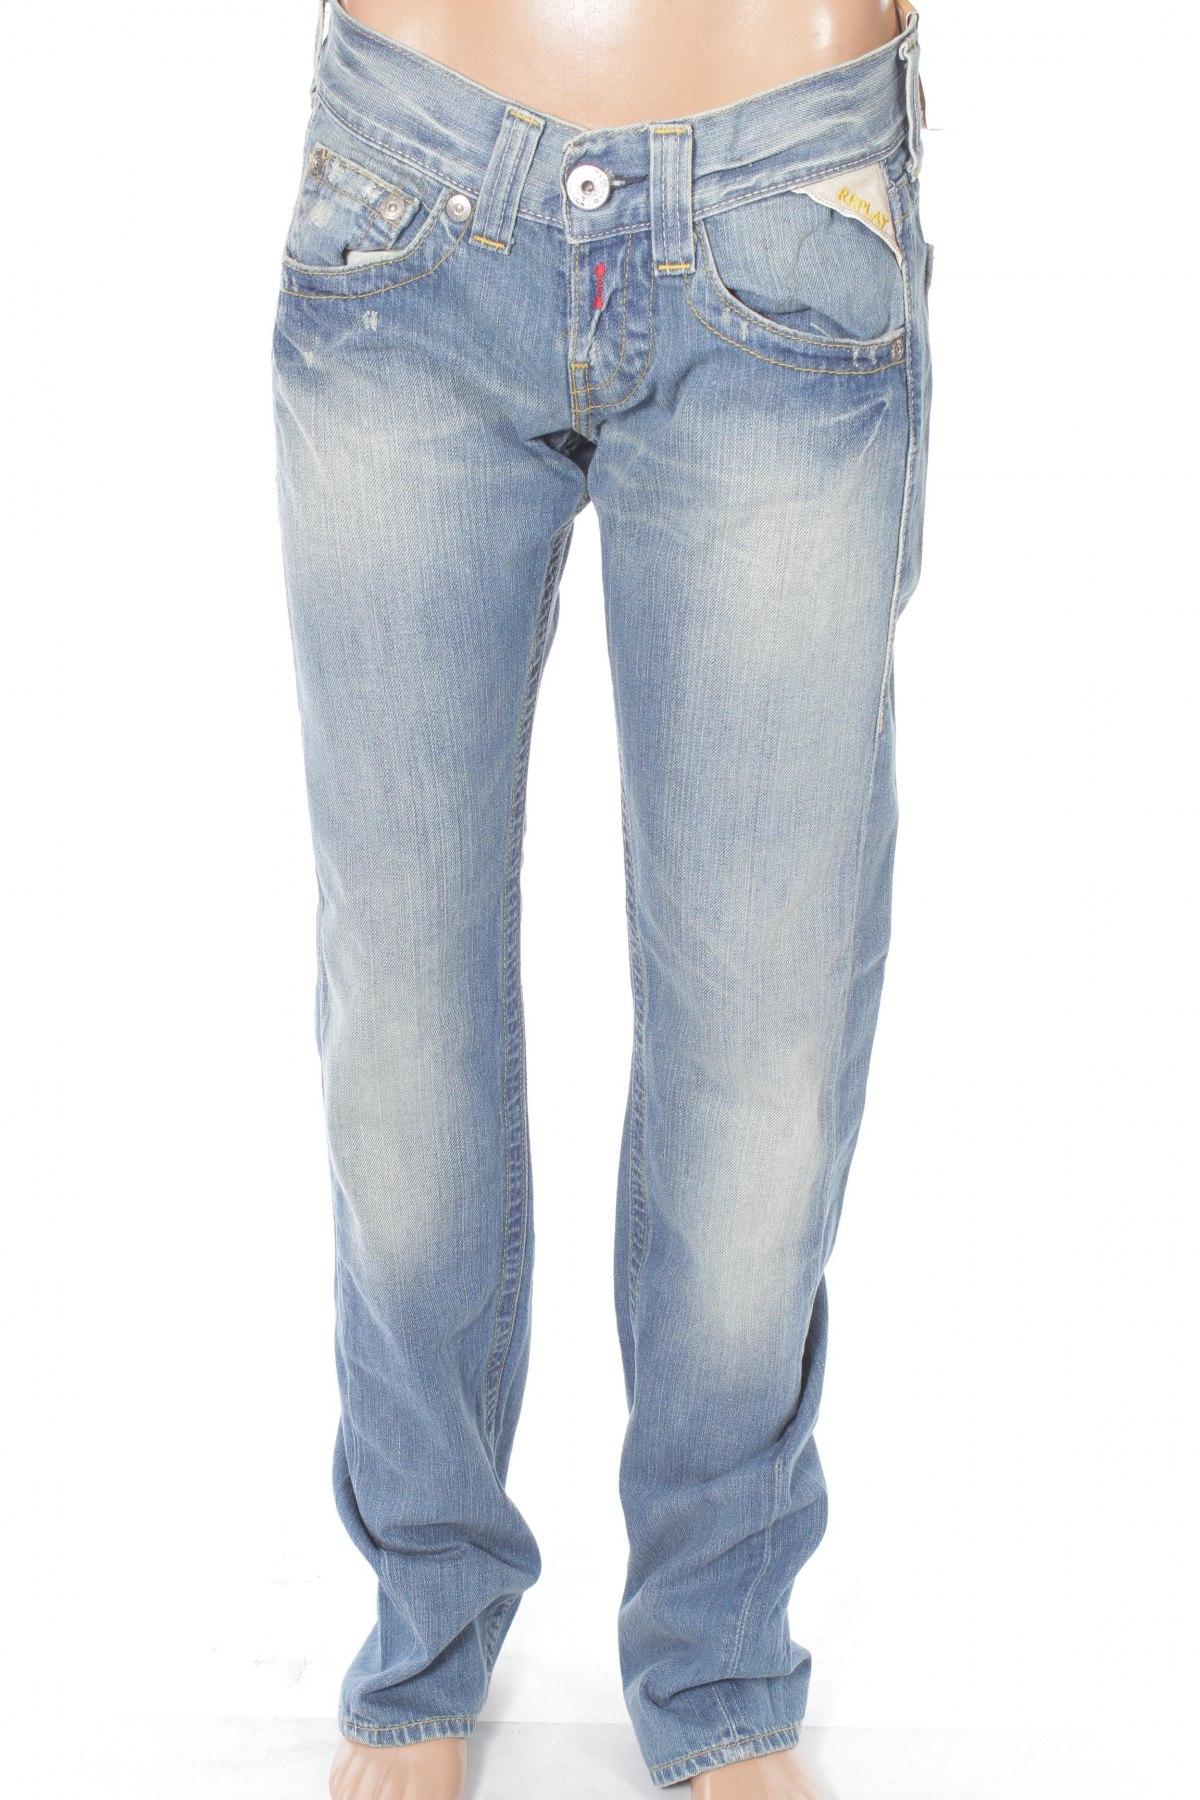 Dámské džíny Replay - koupit za vyhodné ceny na Remix -  102224542 624c93cb8c